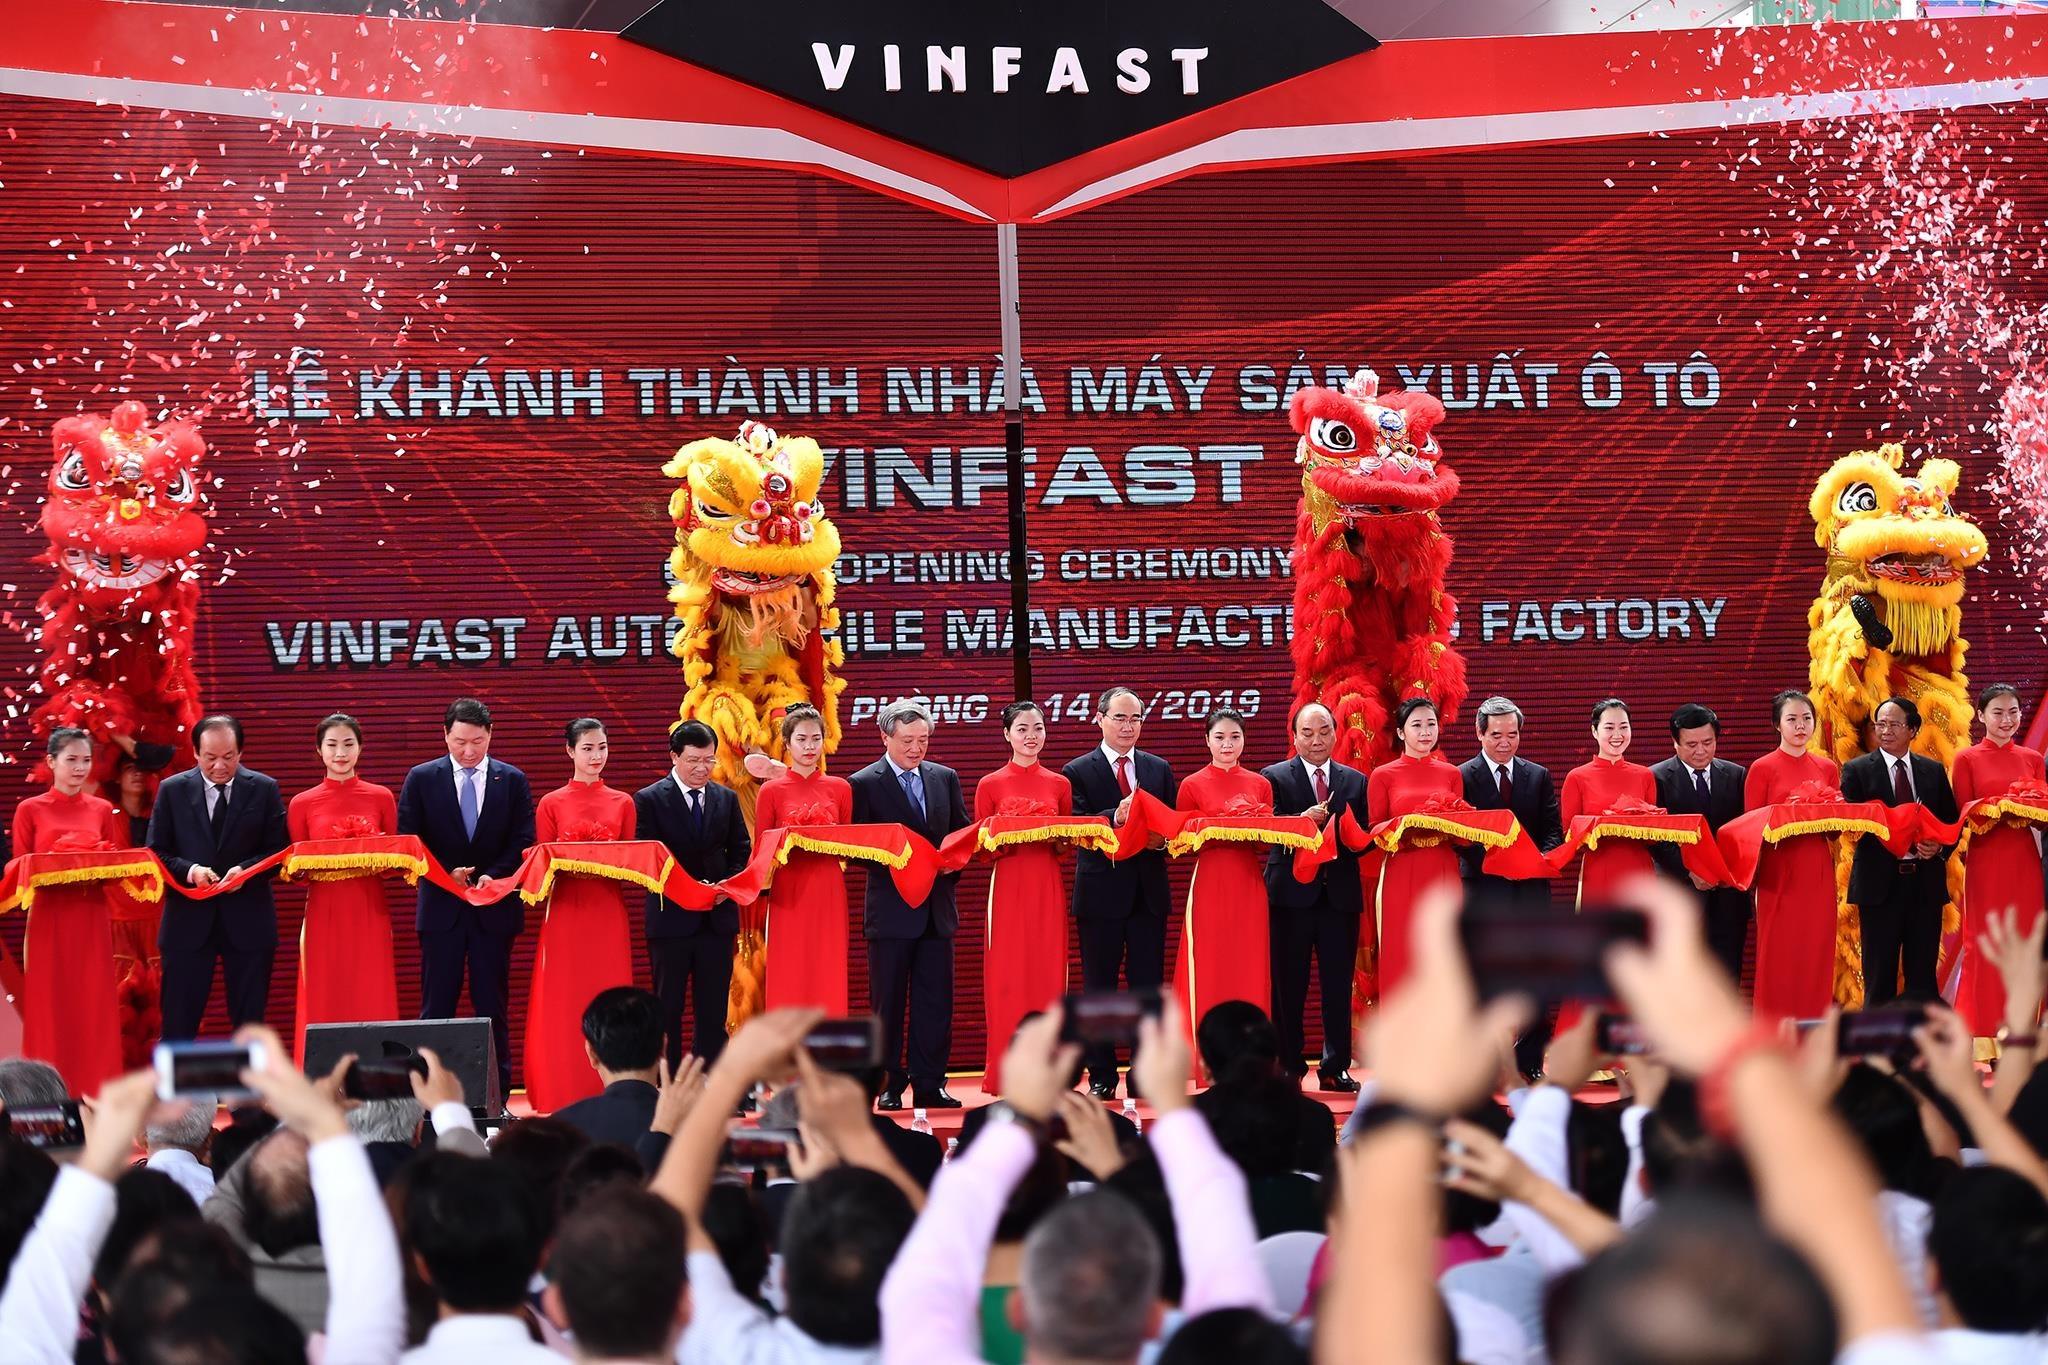 Mot nam ky tich cua VinFast tu Paris Motor Show 2018 den VMS 2019 hinh anh 10